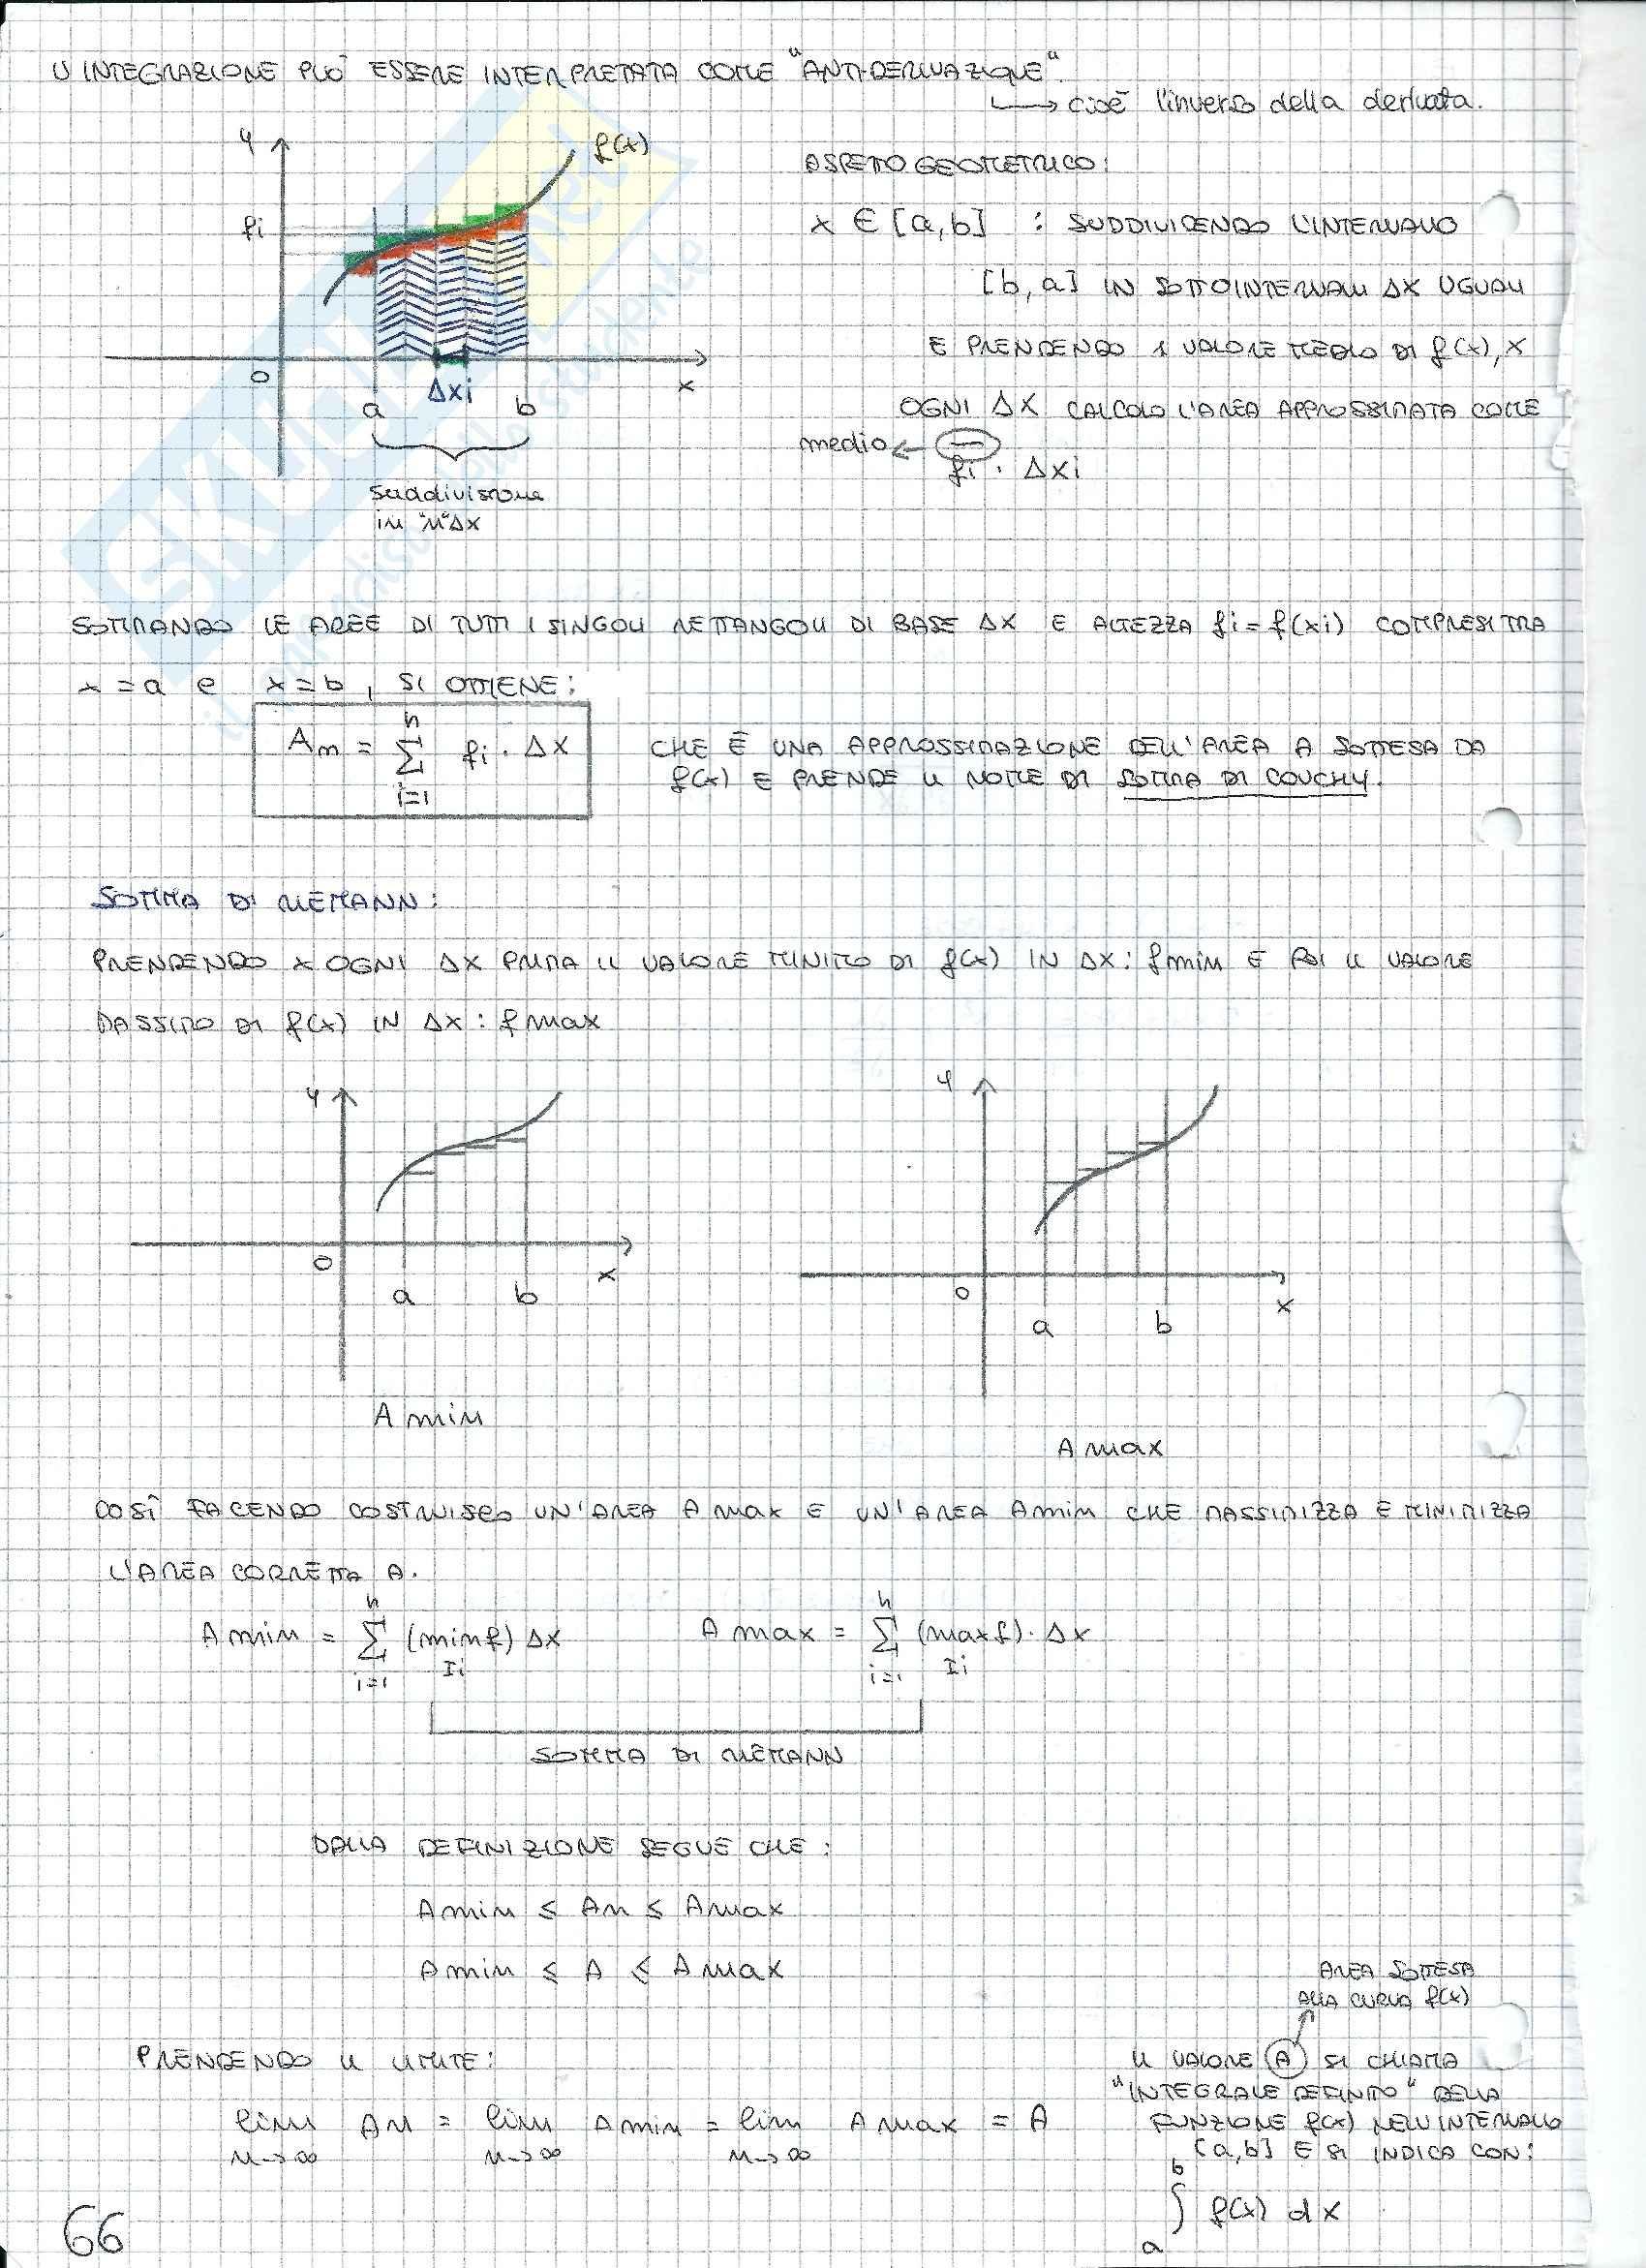 Matematica e statistica - Appunti secondo parziale Pag. 16